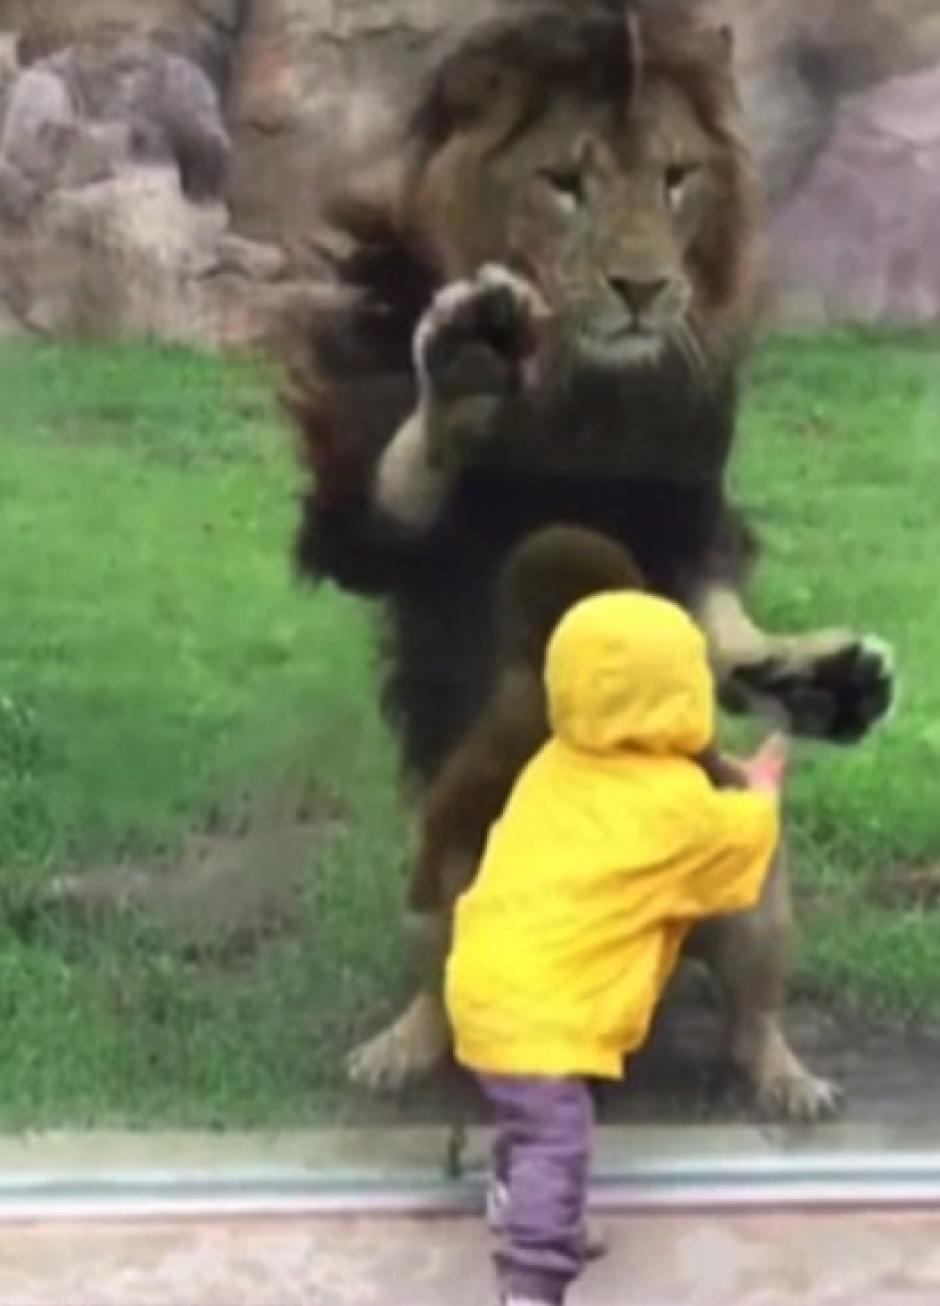 Asustado el niño se echó hacia atrás evitando a la fiera. (Foto: DailyMail)